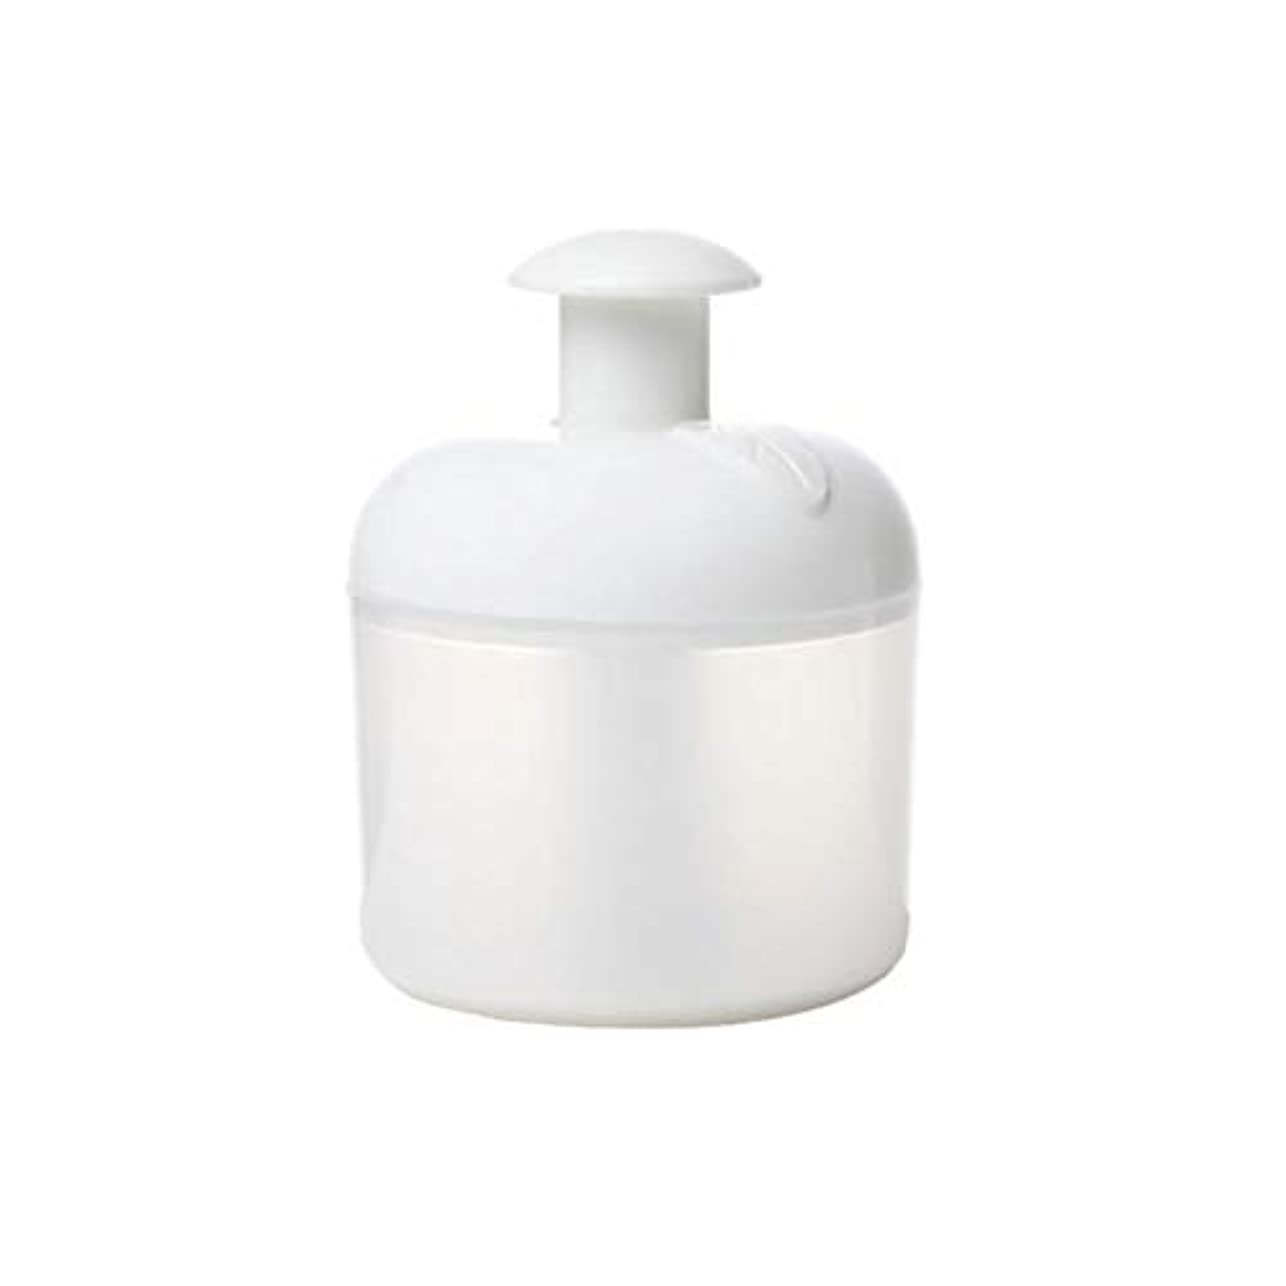 落花生ずんぐりした通りマイクロバブルフォーマー - Dewin 洗顔泡立て器 洗顔ネット マイクロホイッパー クリーンツール 7倍の濃厚なバブル 美容グッズ